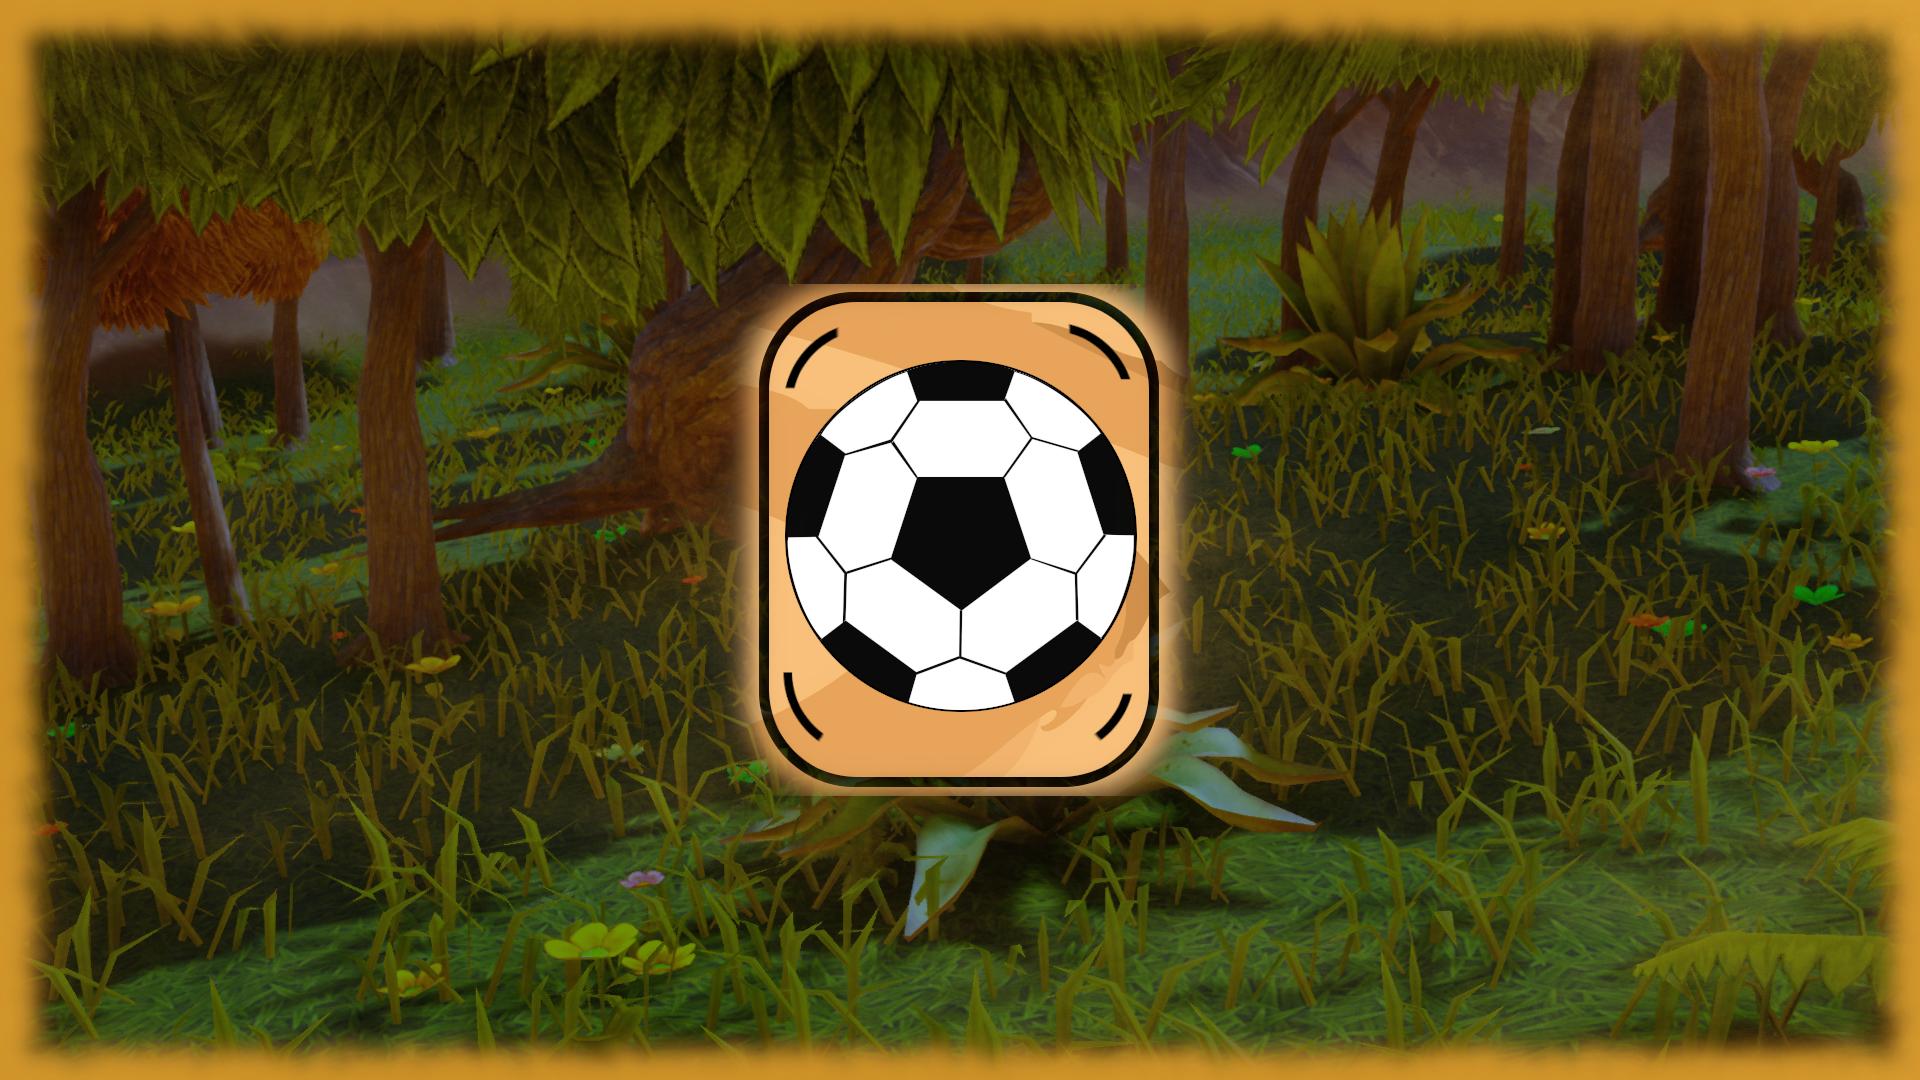 Icon for Footballer